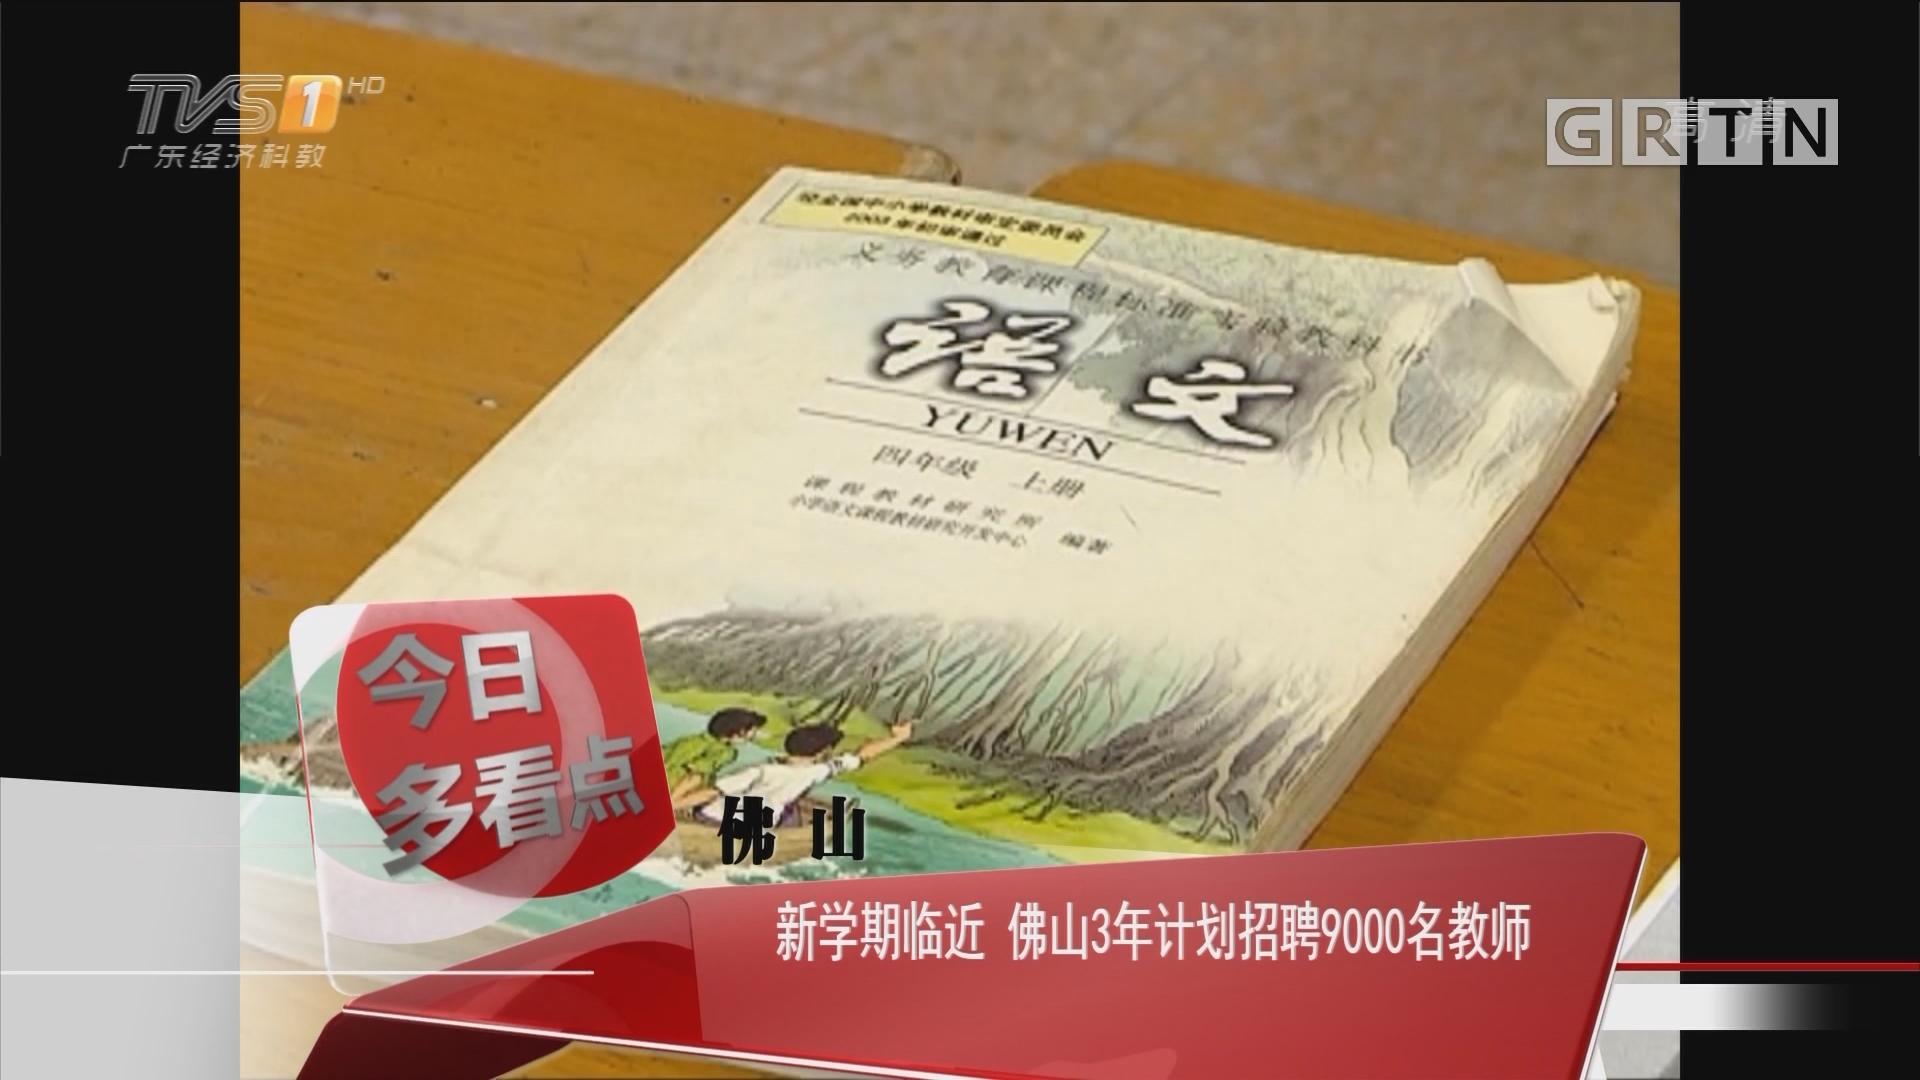 佛山:新学期临近 佛山3年计划招聘9000名教师